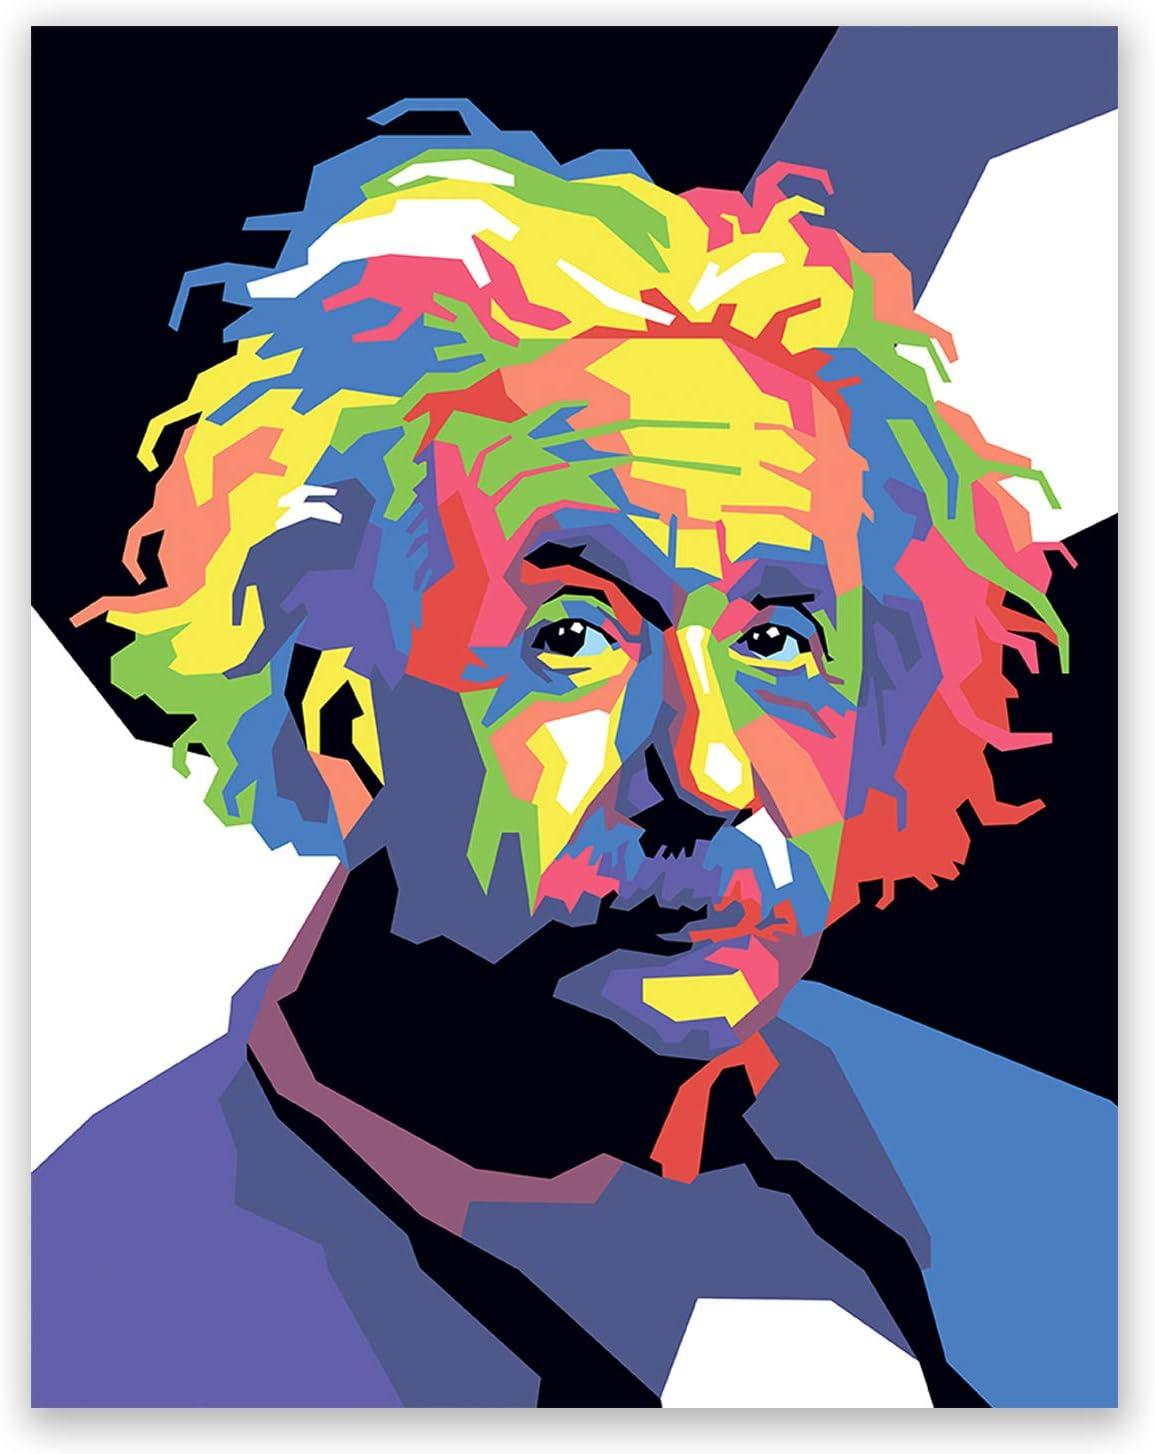 Albert art print graffiti art Einstein print pop art home decor street art poster Albert art decor office wall wall art gift